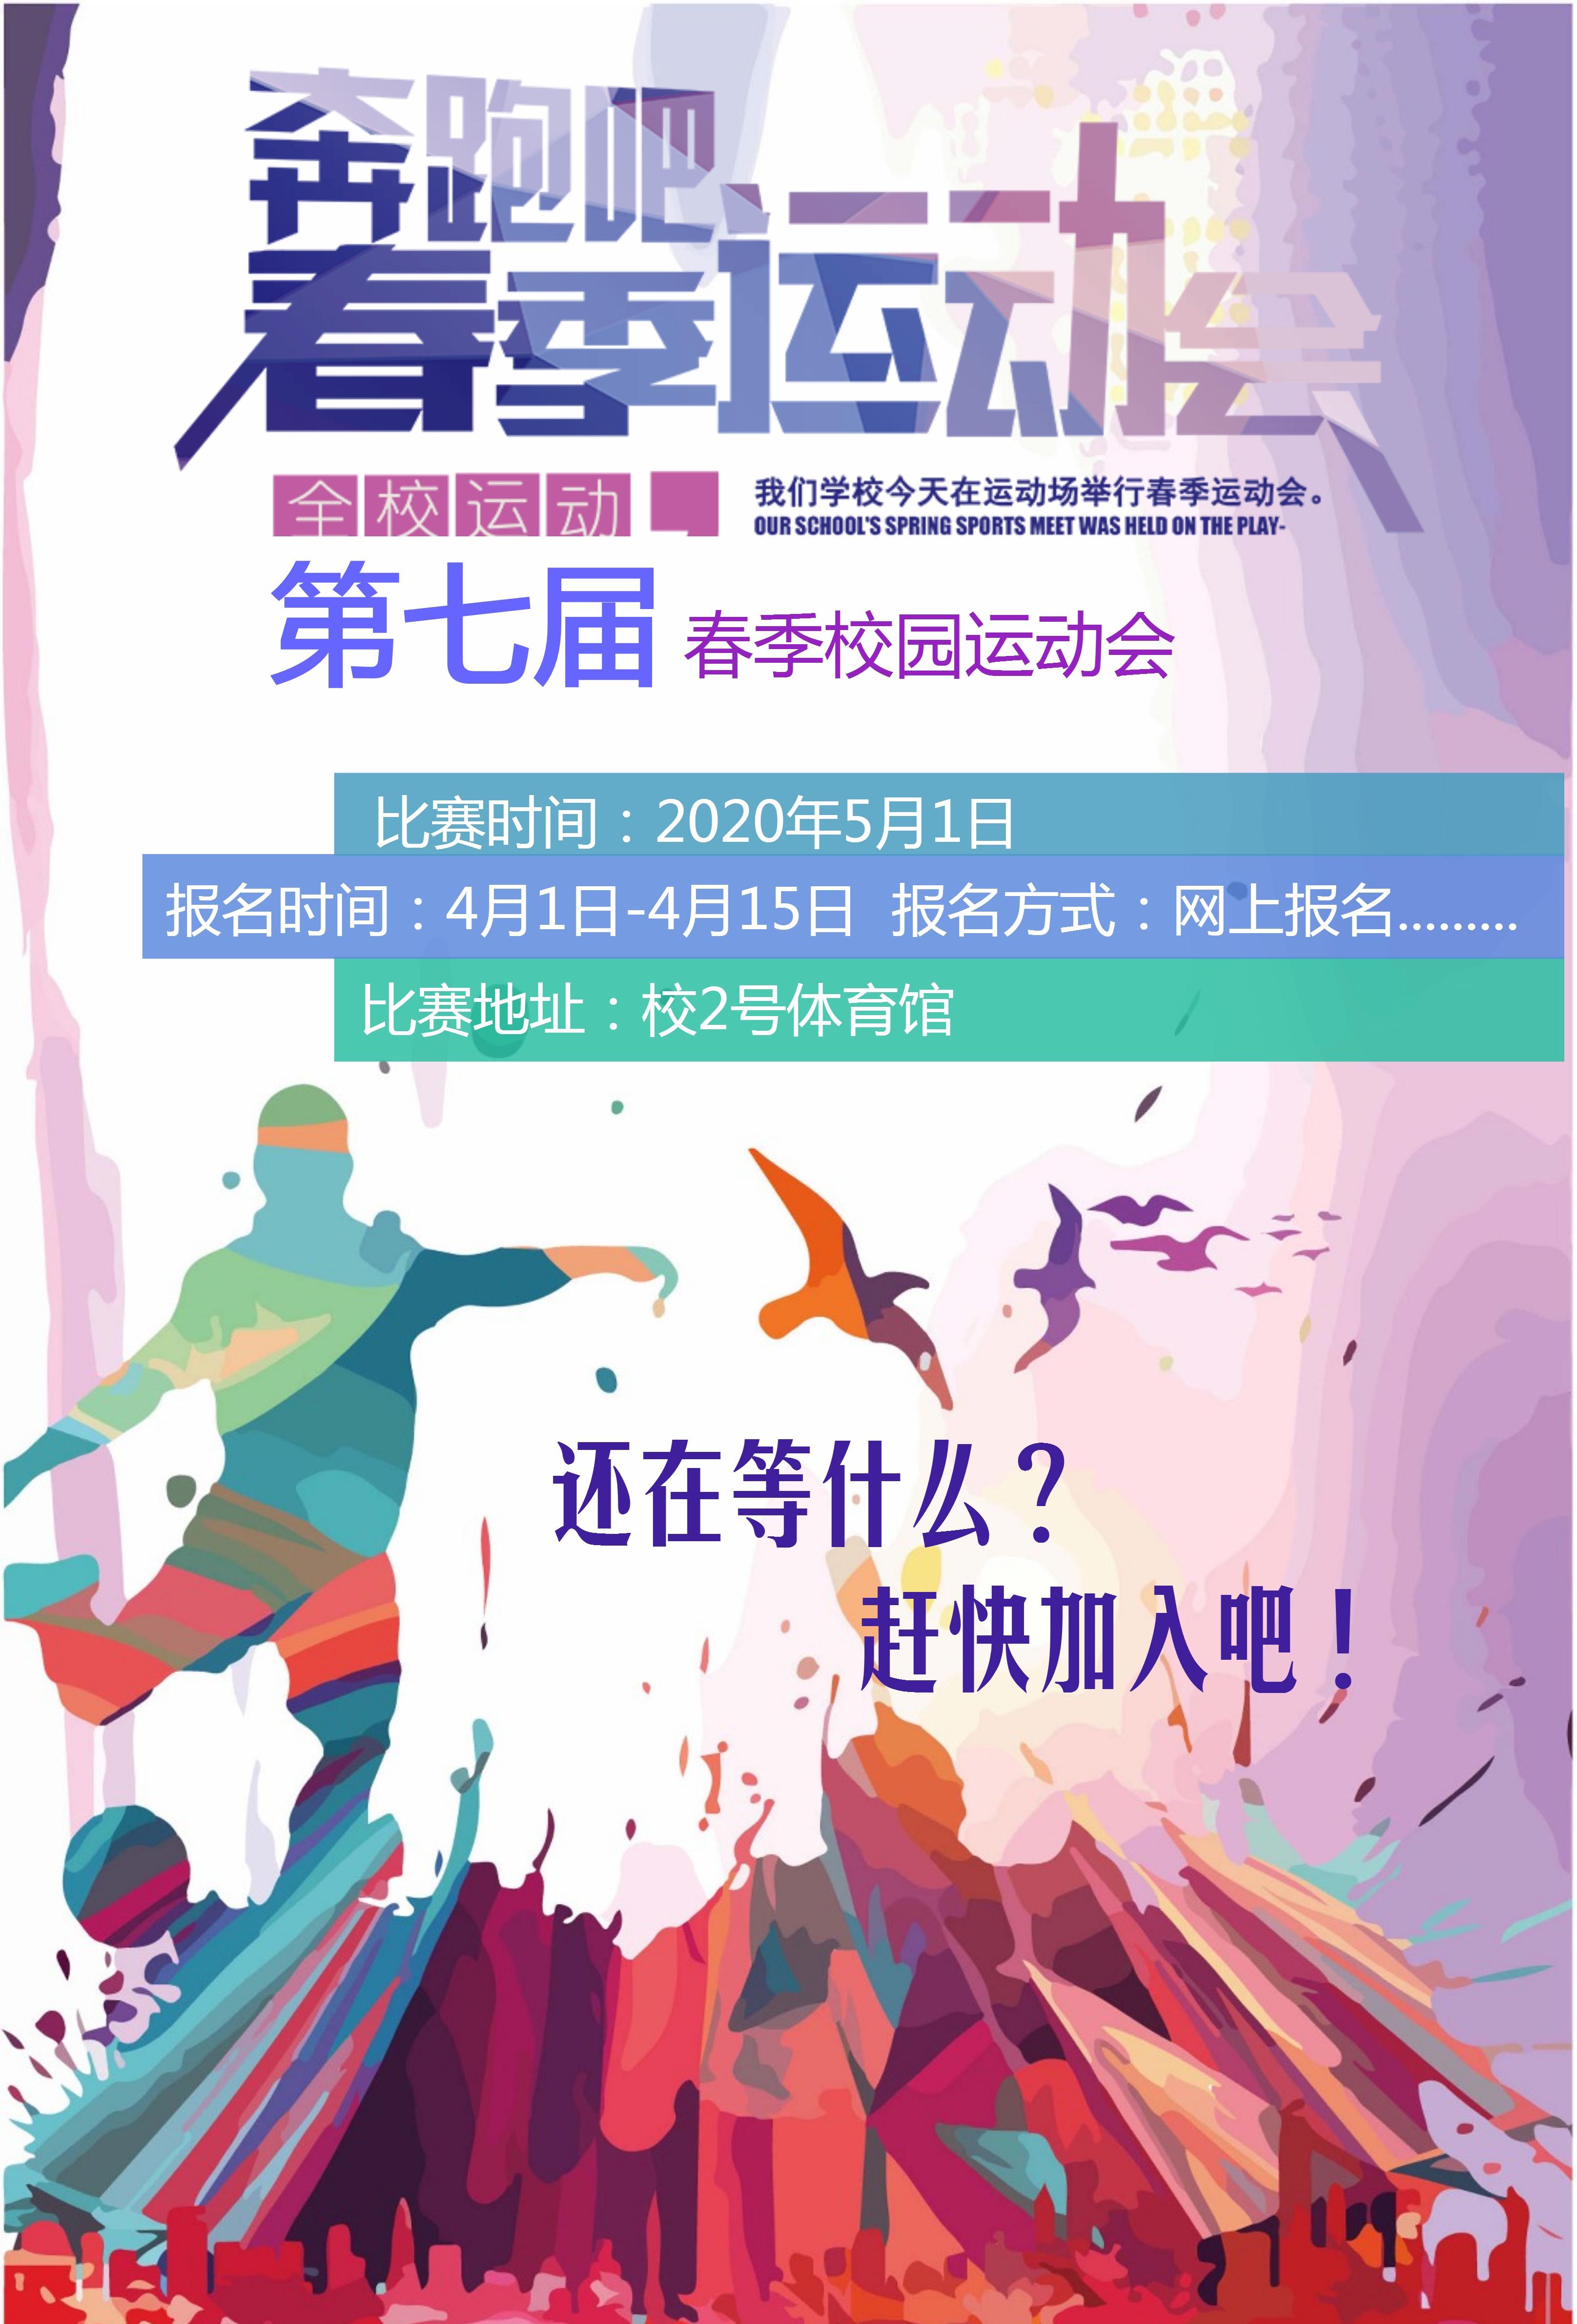 手绘风春季校园运动会宣传海报